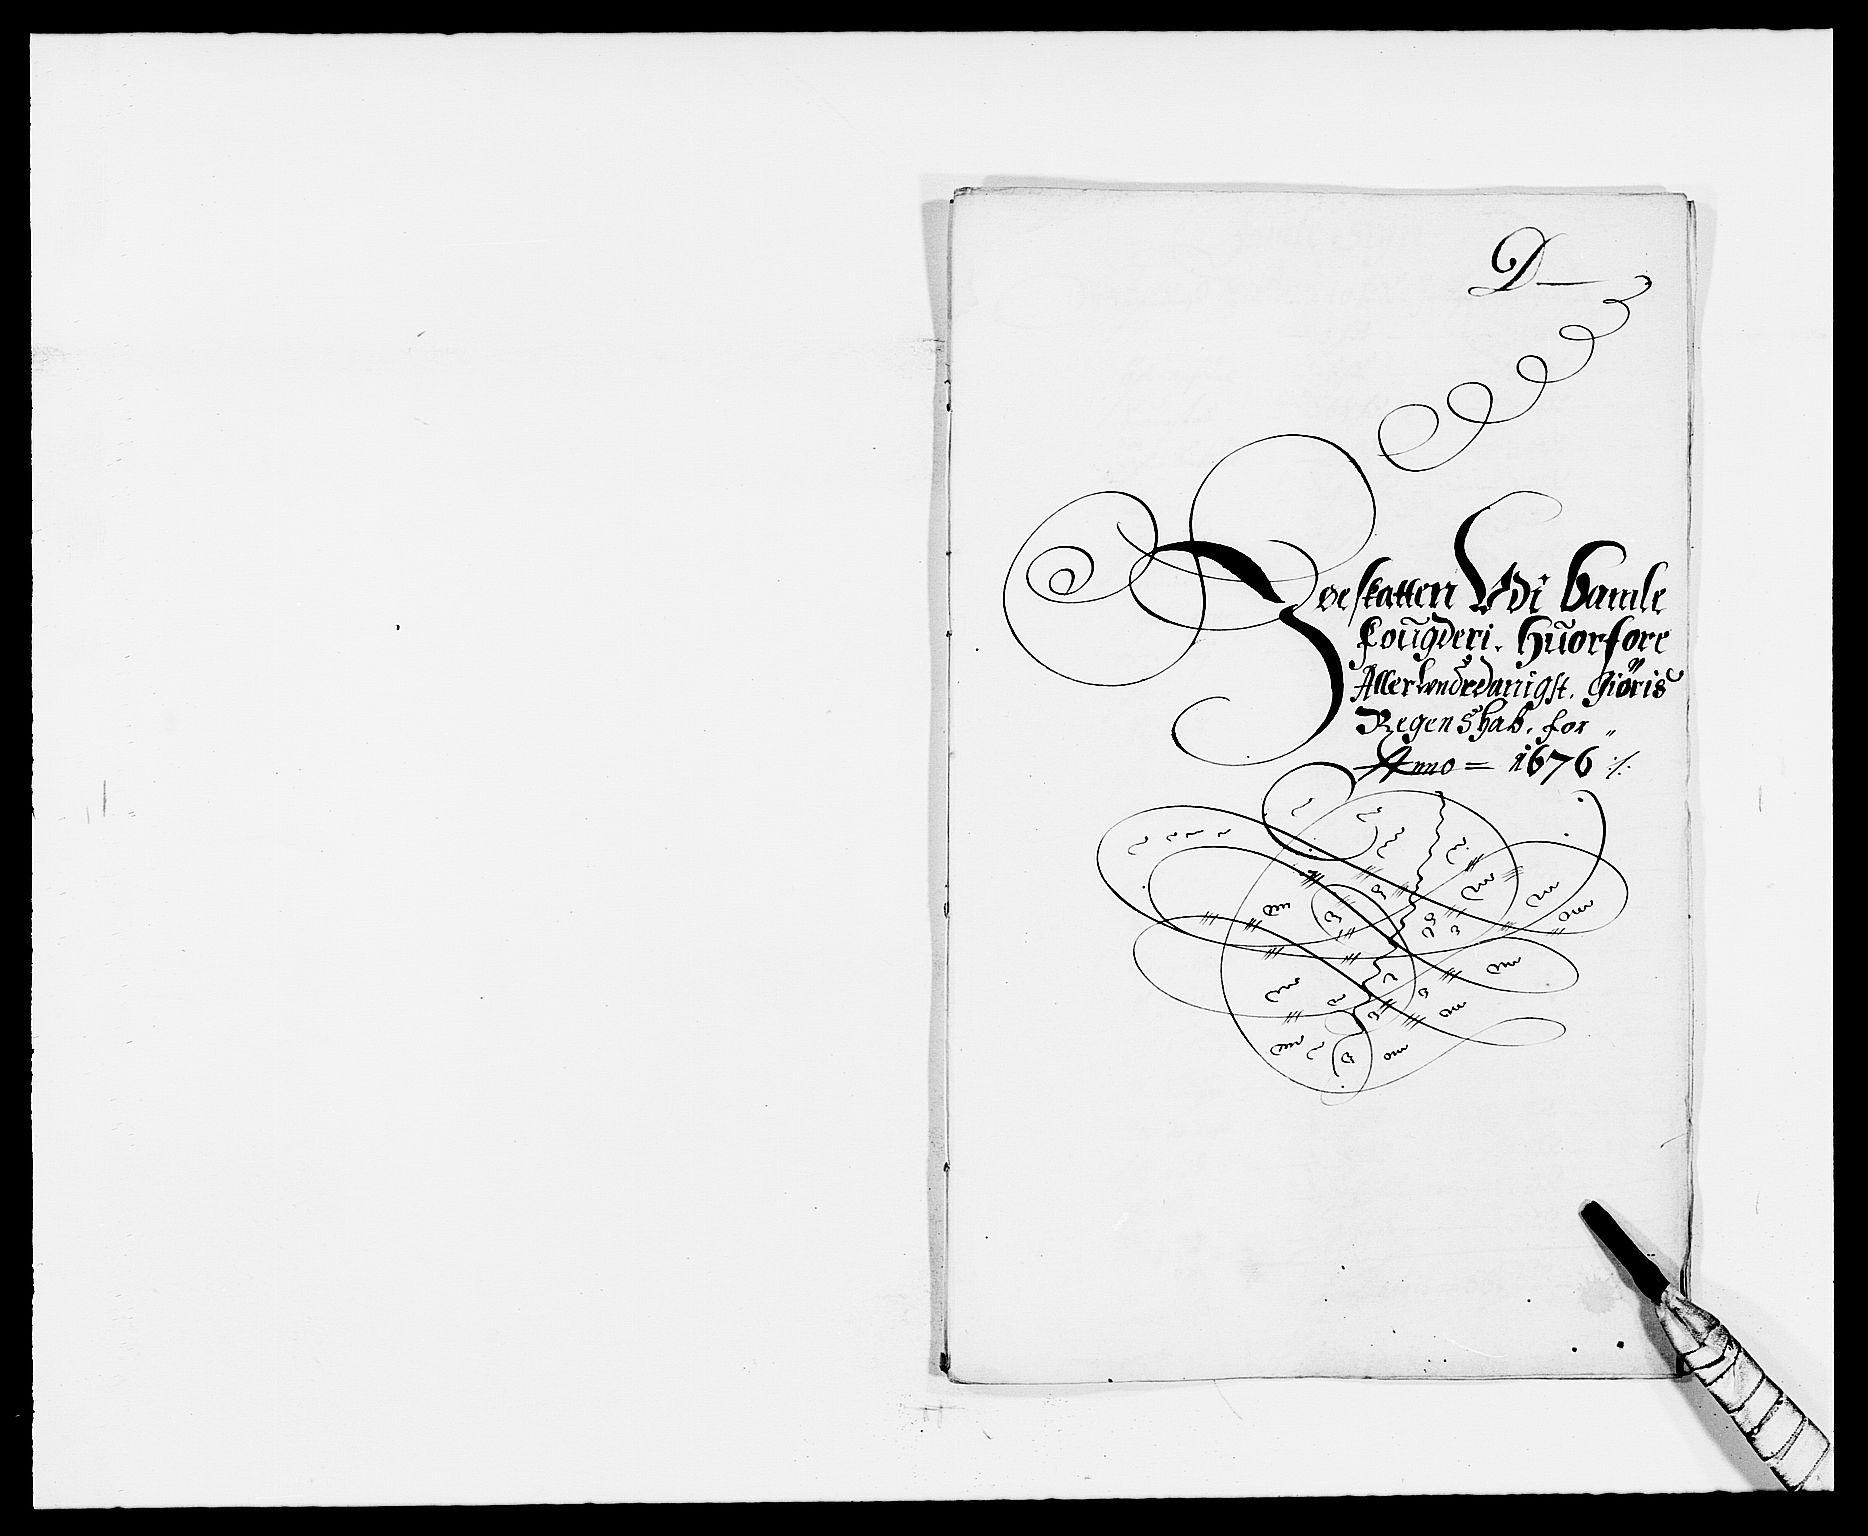 RA, Rentekammeret inntil 1814, Reviderte regnskaper, Fogderegnskap, R34/L2043: Fogderegnskap Bamble, 1676-1677, s. 88